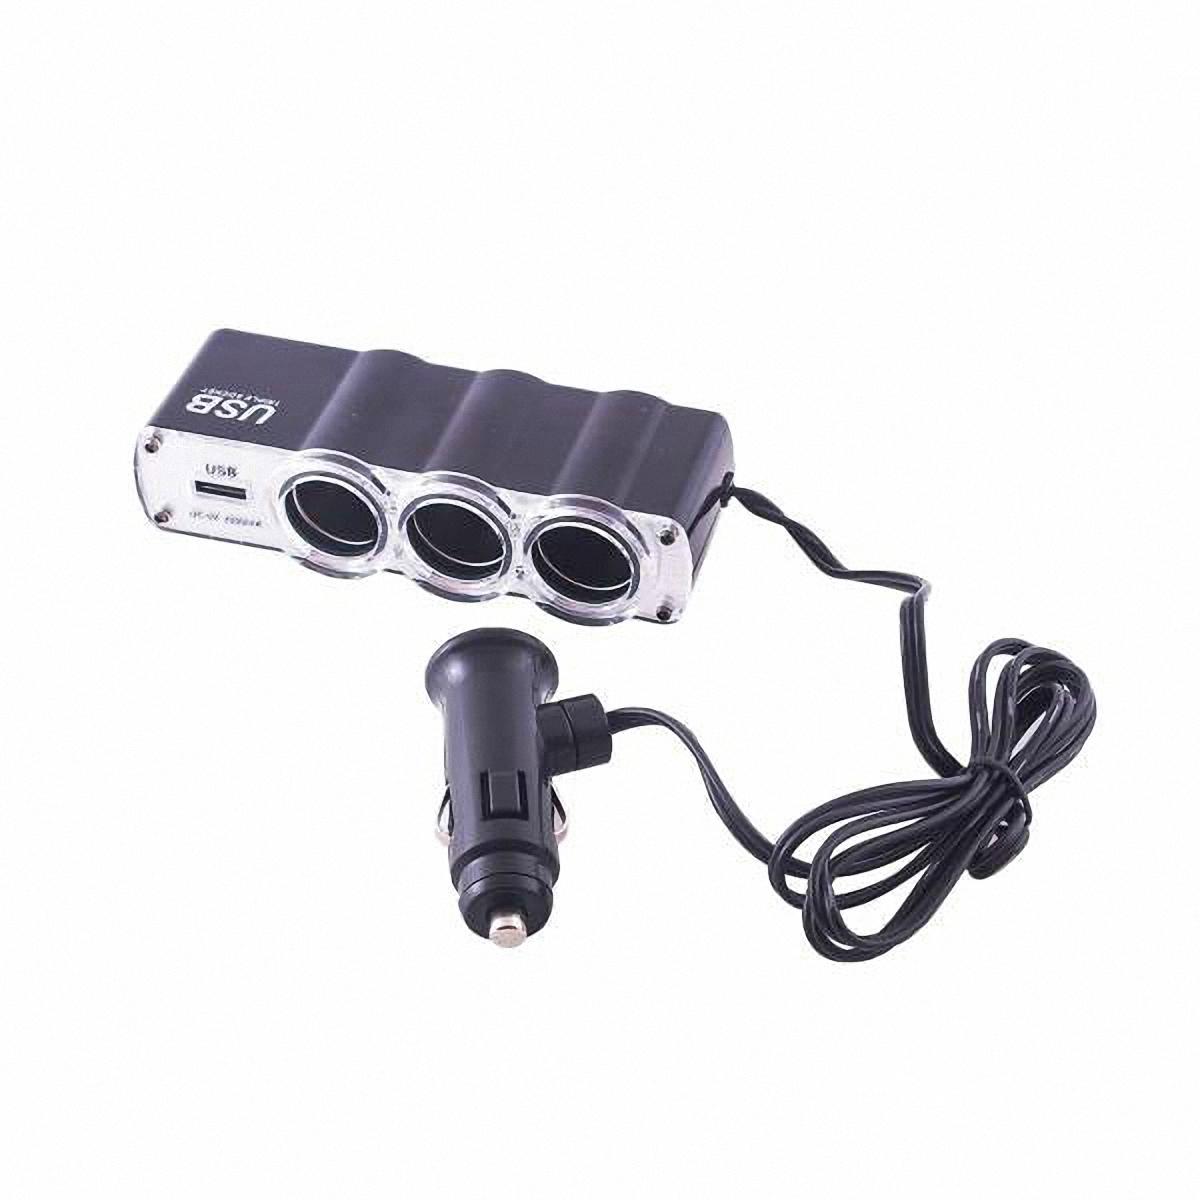 Skyway Разветвитель прикуривателя 3 гнезда + USB. S02301023S02301023Количество гнёзд: 3Количество USB-портов: 1 Устройство вращается на 180°, вверх и вниз.Устройство используется при мощности 7А.Общая мощность 80 Ватт Предохранитель 5 А. Потребляемая мощность 12 - 24 В